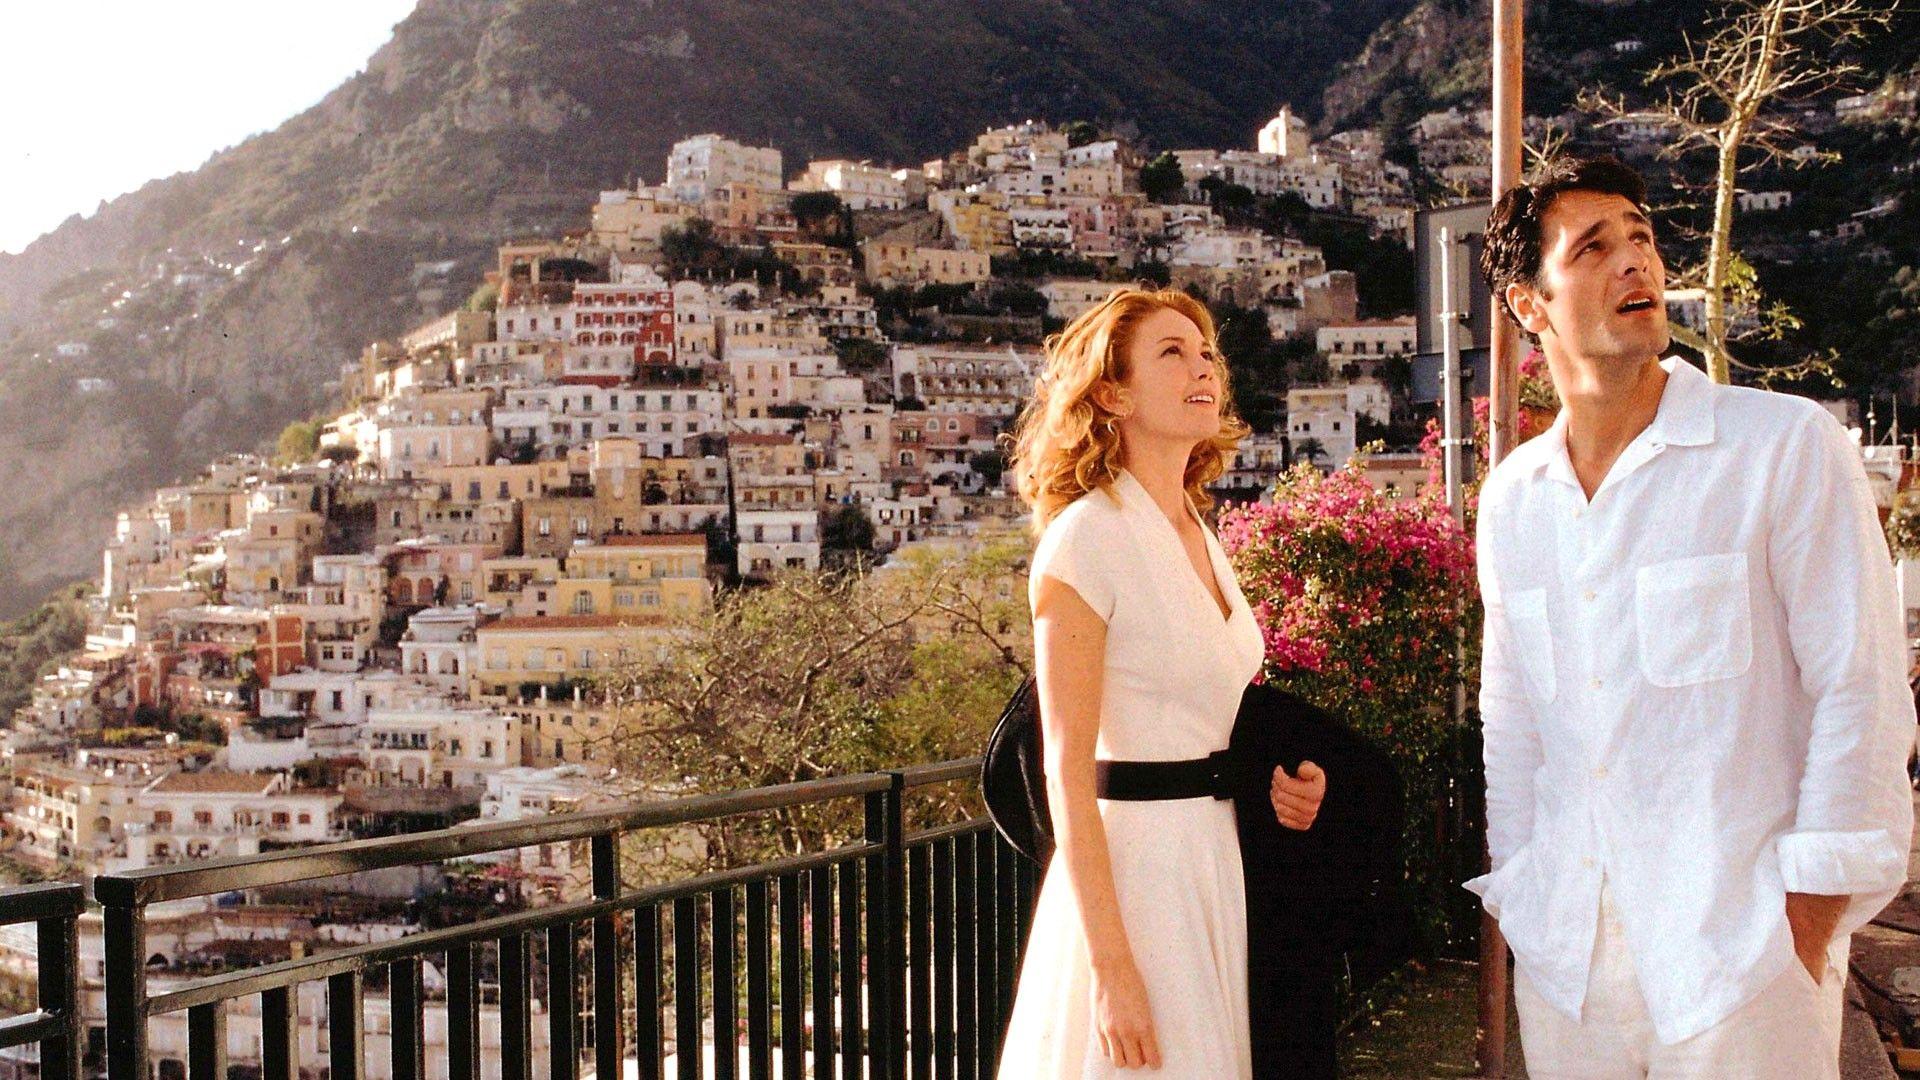 Sob O Sol Da Toscana Com Imagens Filme De Viagem Sob O Sol Da